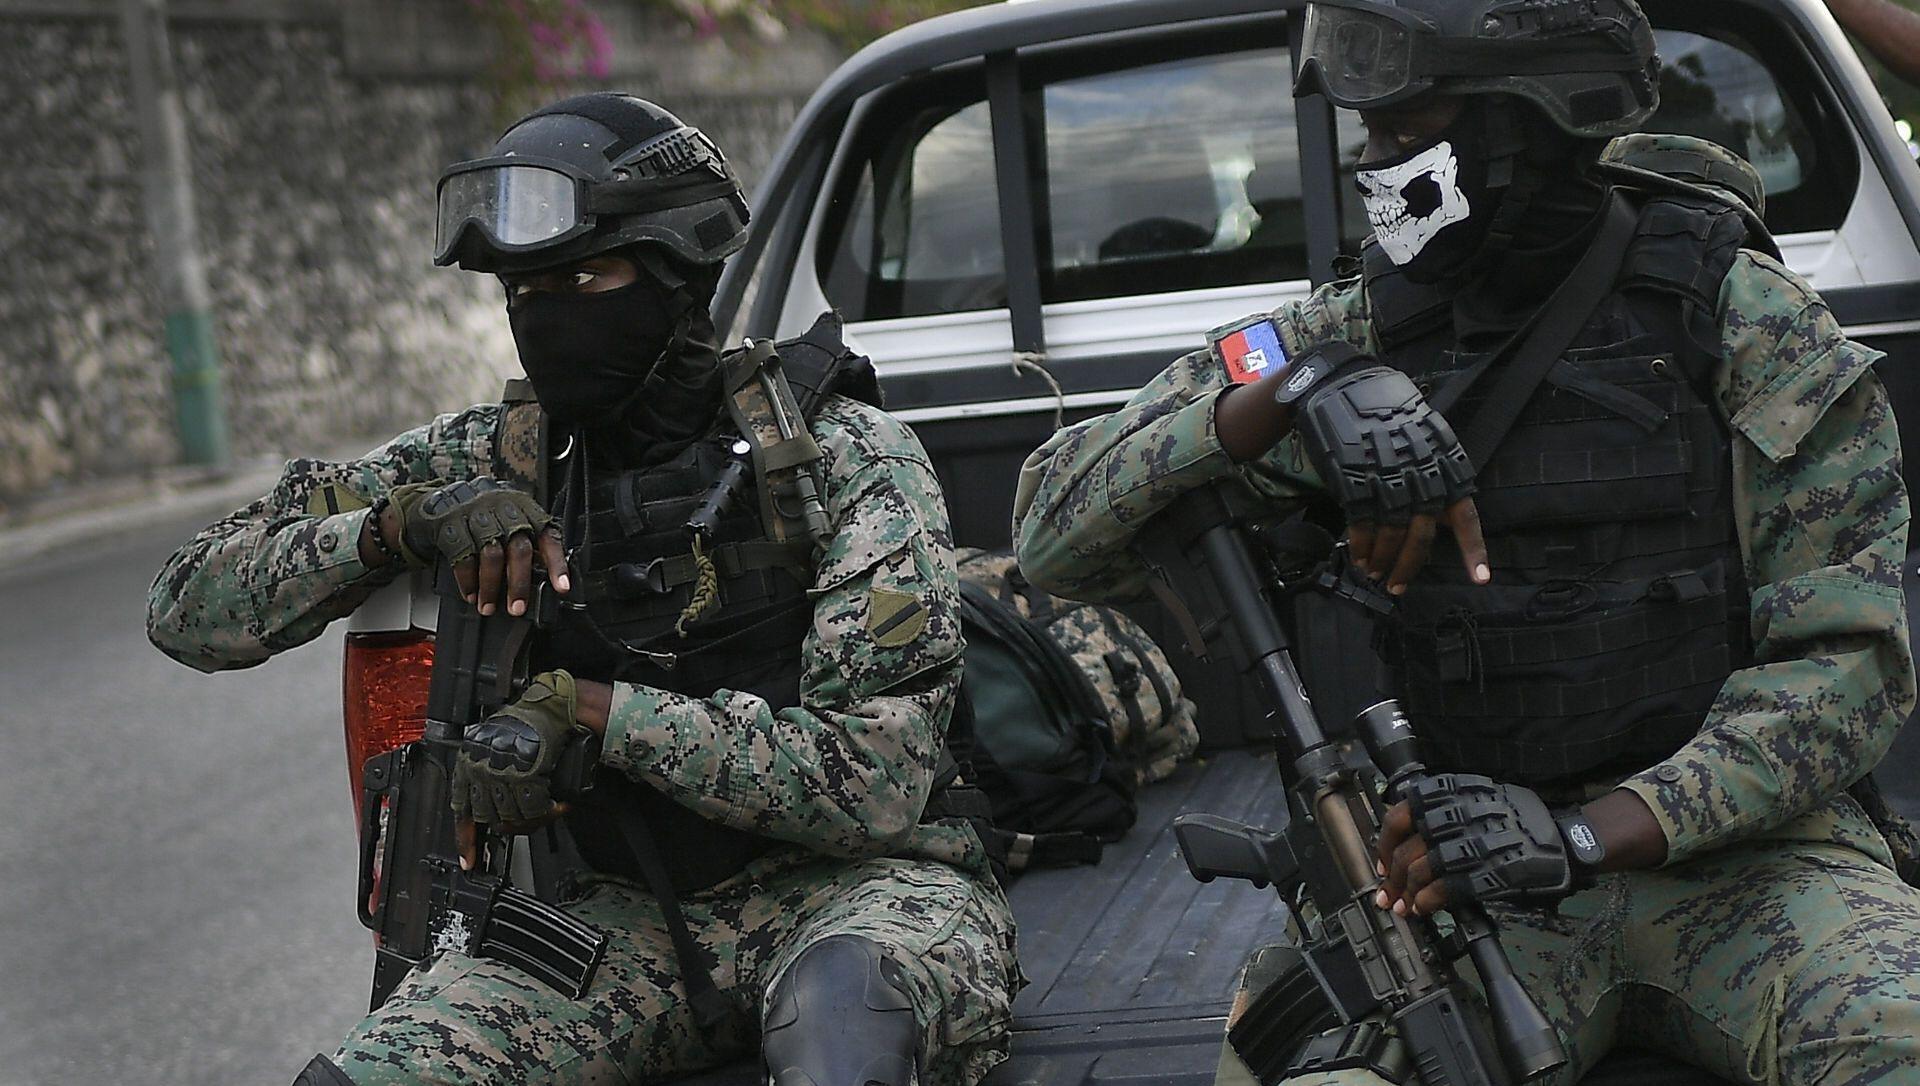 Các binh sĩ đứng gác gần tư dinh của Tổng thống lâm thời Claude Joseph ở Port-au-Prince, Haiti, Chủ nhật, ngày 11 tháng 7 năm 2021, bốn ngày sau vụ ám sát Tổng thống Haiti Jovenel Moise - Sputnik Việt Nam, 1920, 13.07.2021